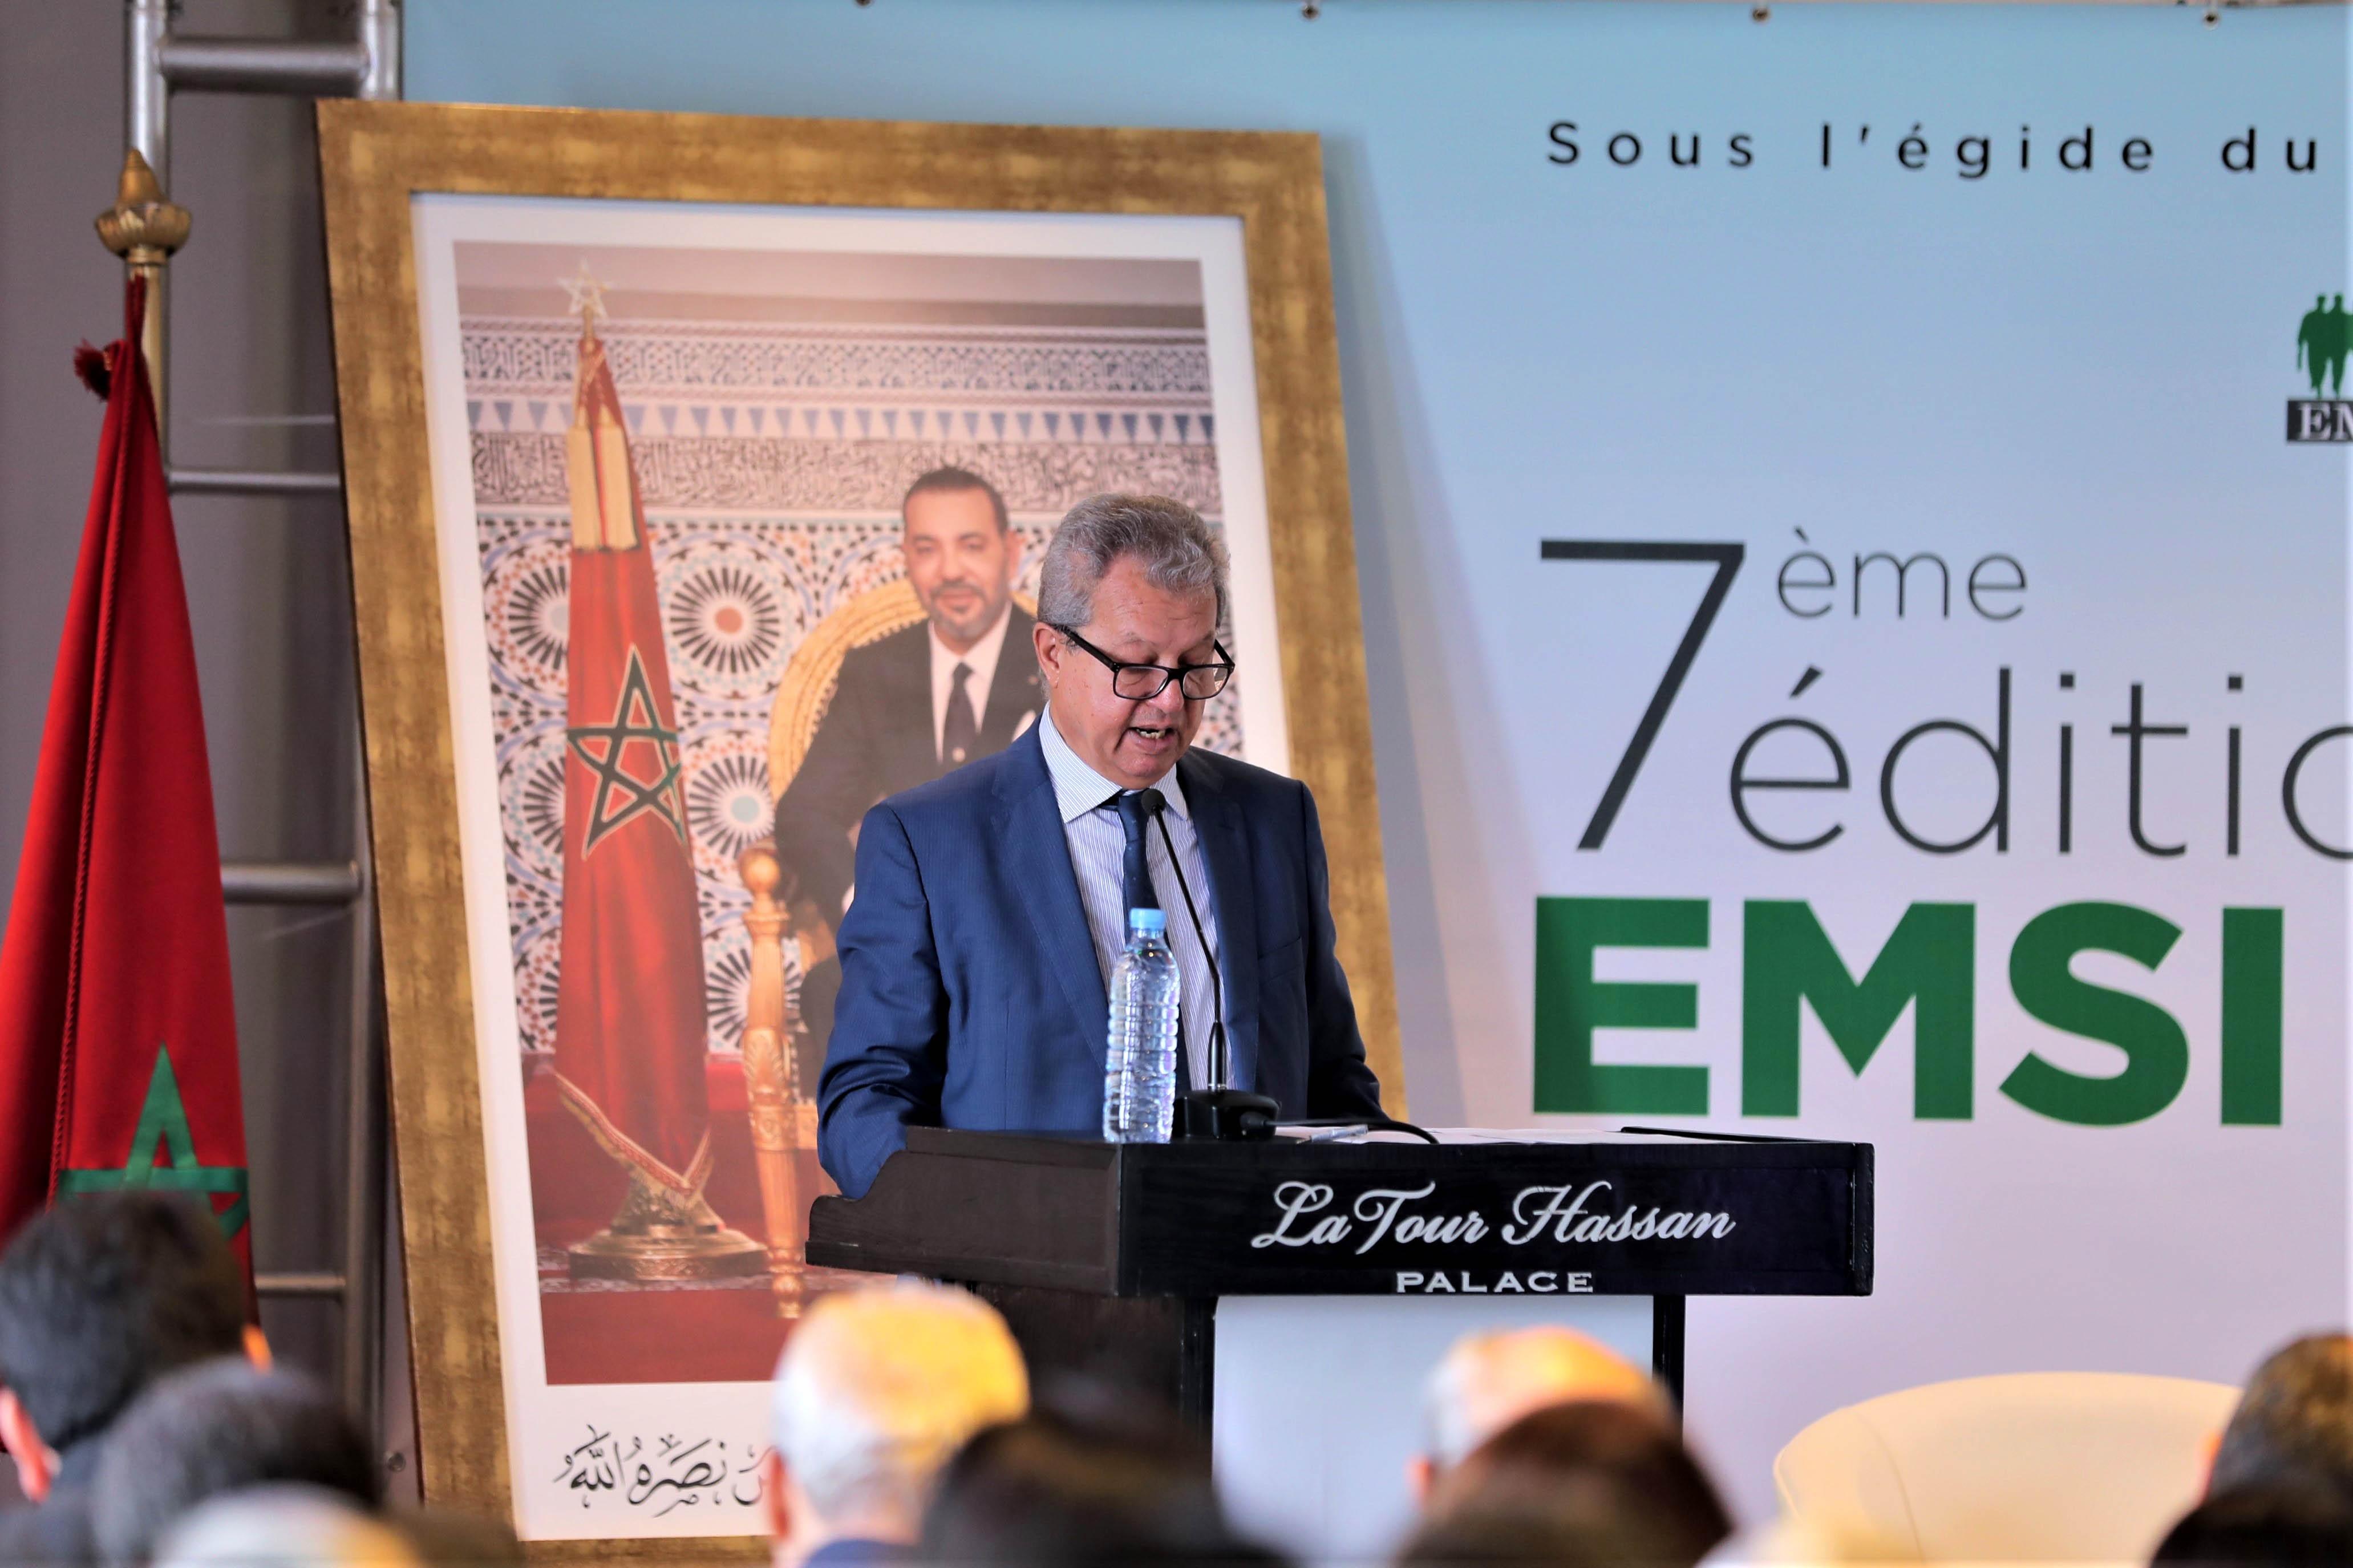 المدرسة المغربية لعلوم المهندس تستضيف الدورة الـ7 للقافلة الوطنية للتشغيل